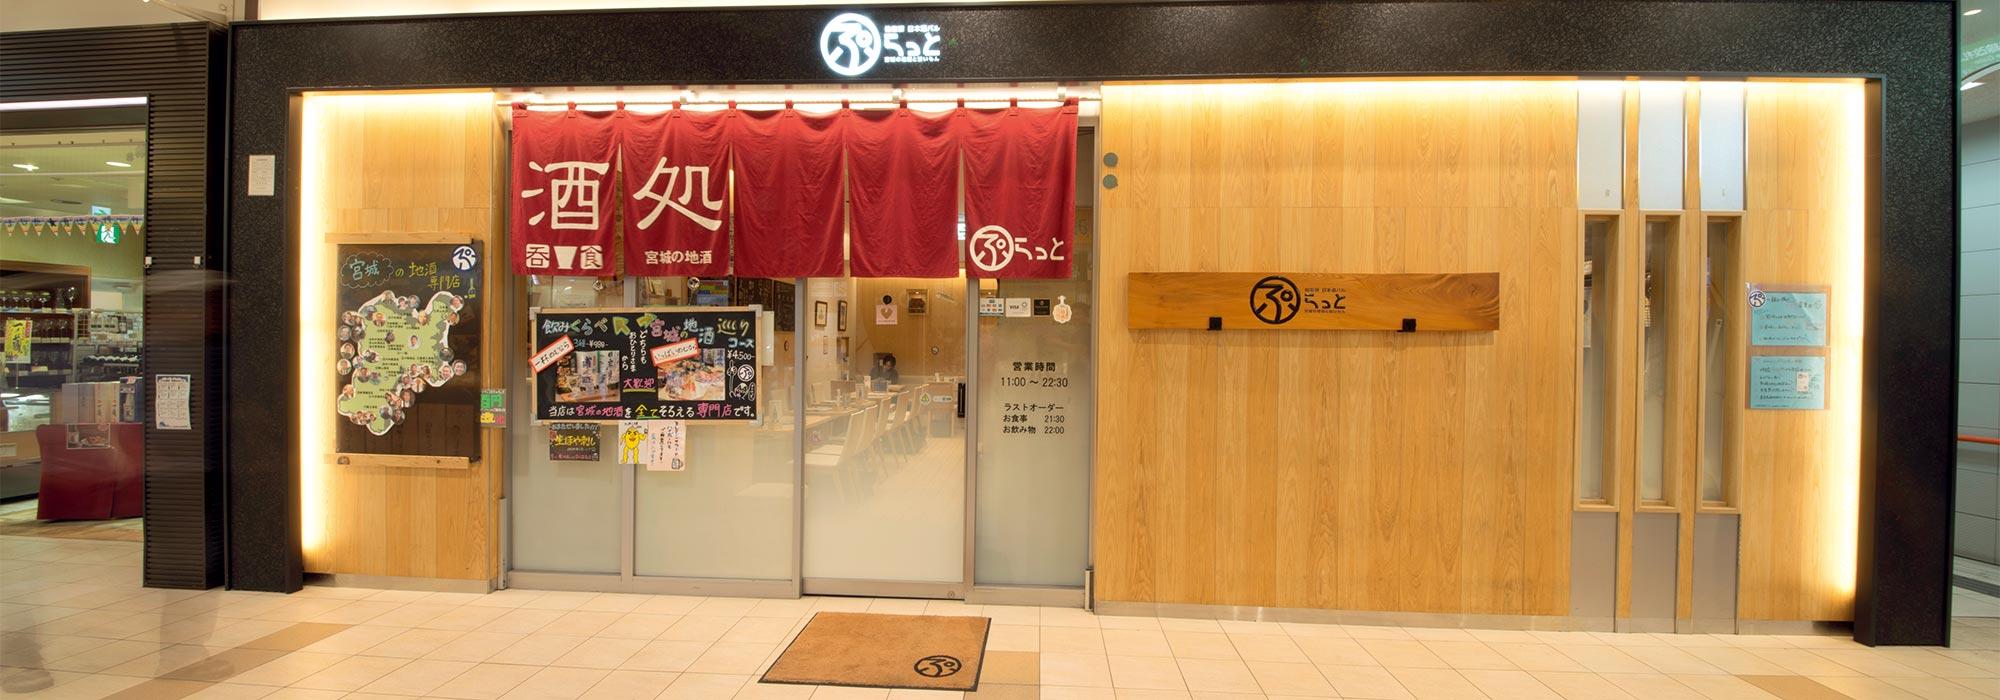 仙臺驛日本酒バル ぷらっと 画像03